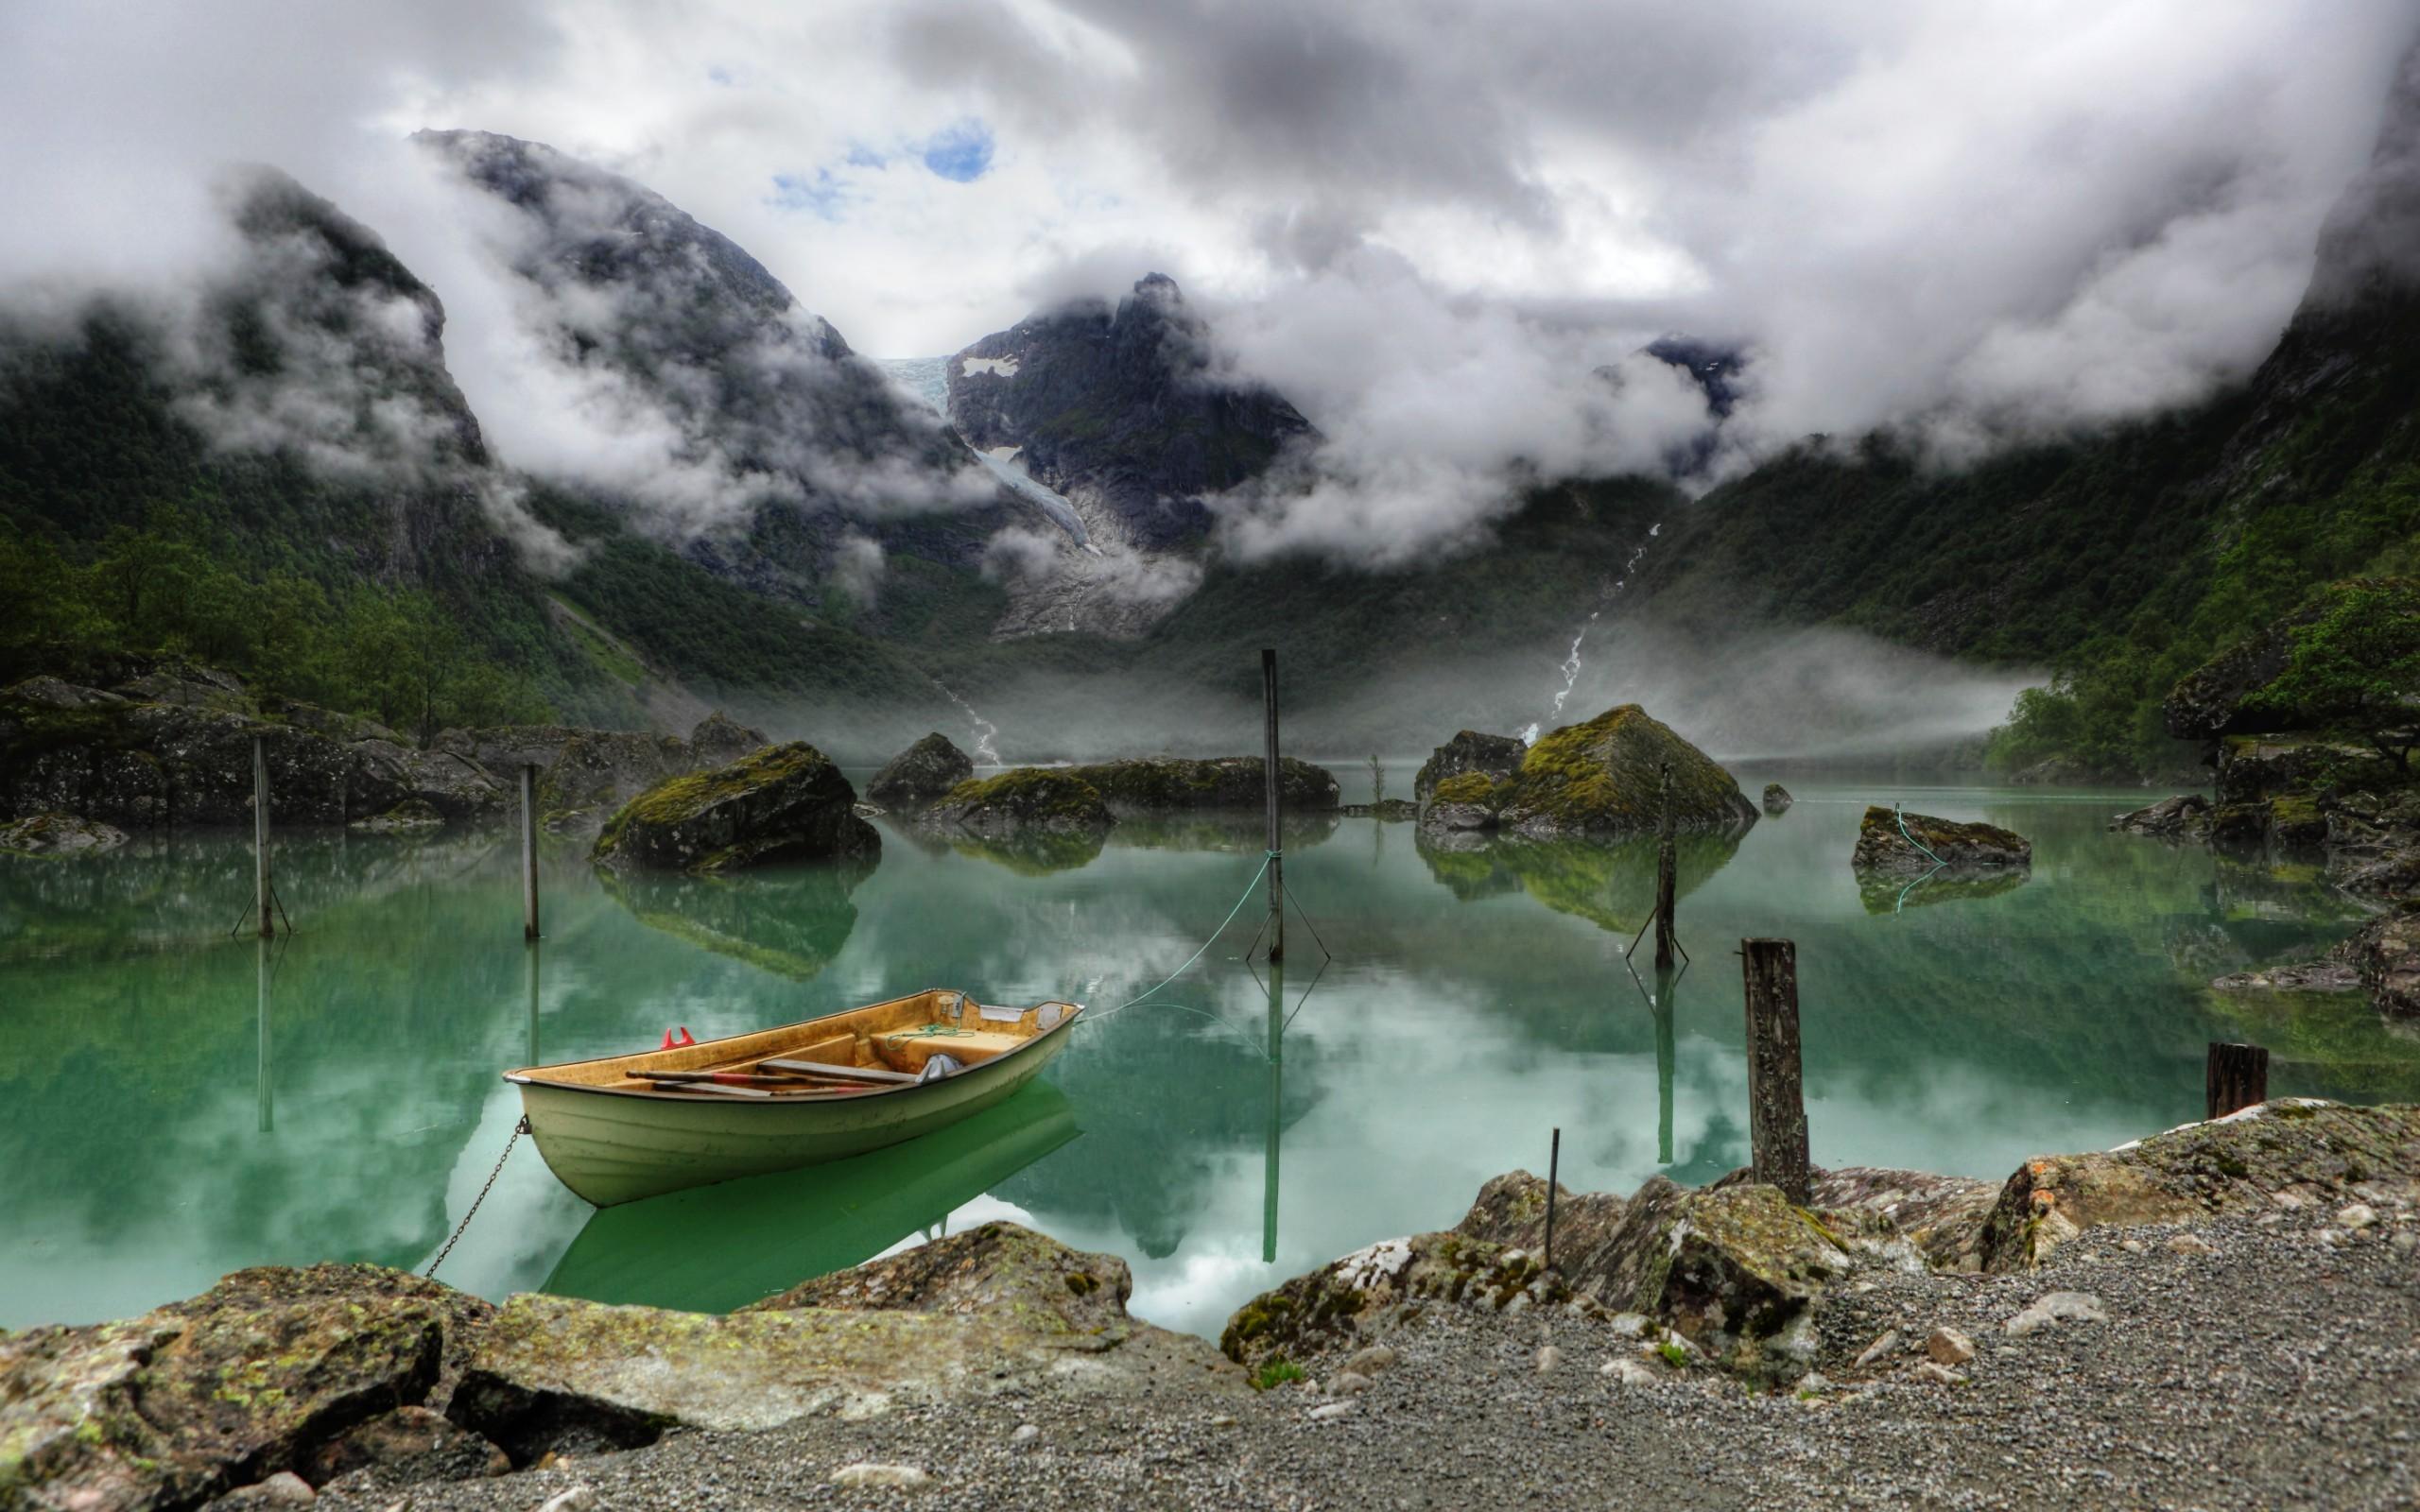 Фото удивительные пейзажи